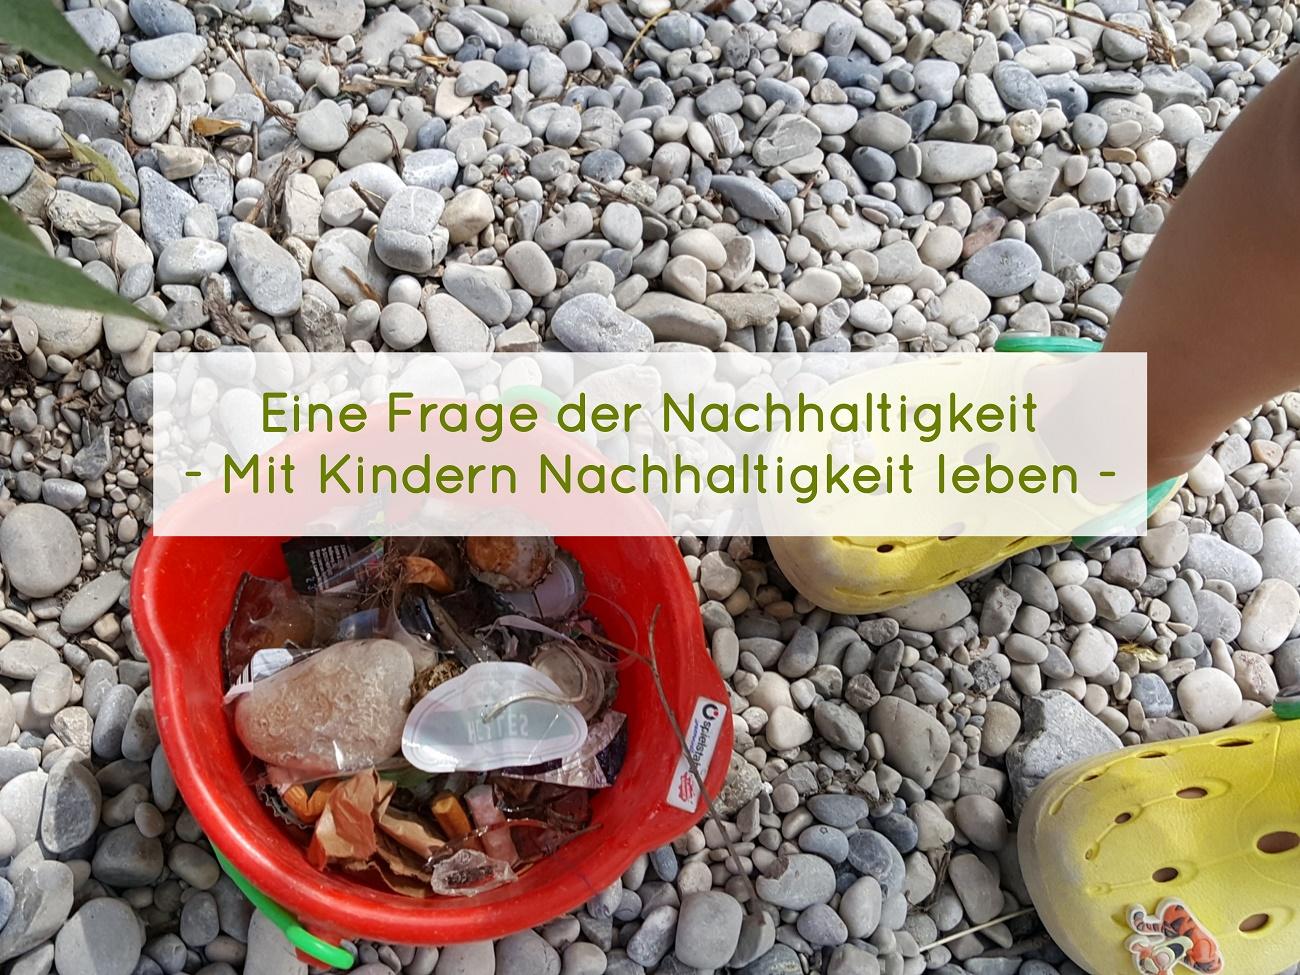 Mit Kinder Nachhaltigkeit leben Frage der Nachhaltigkeit